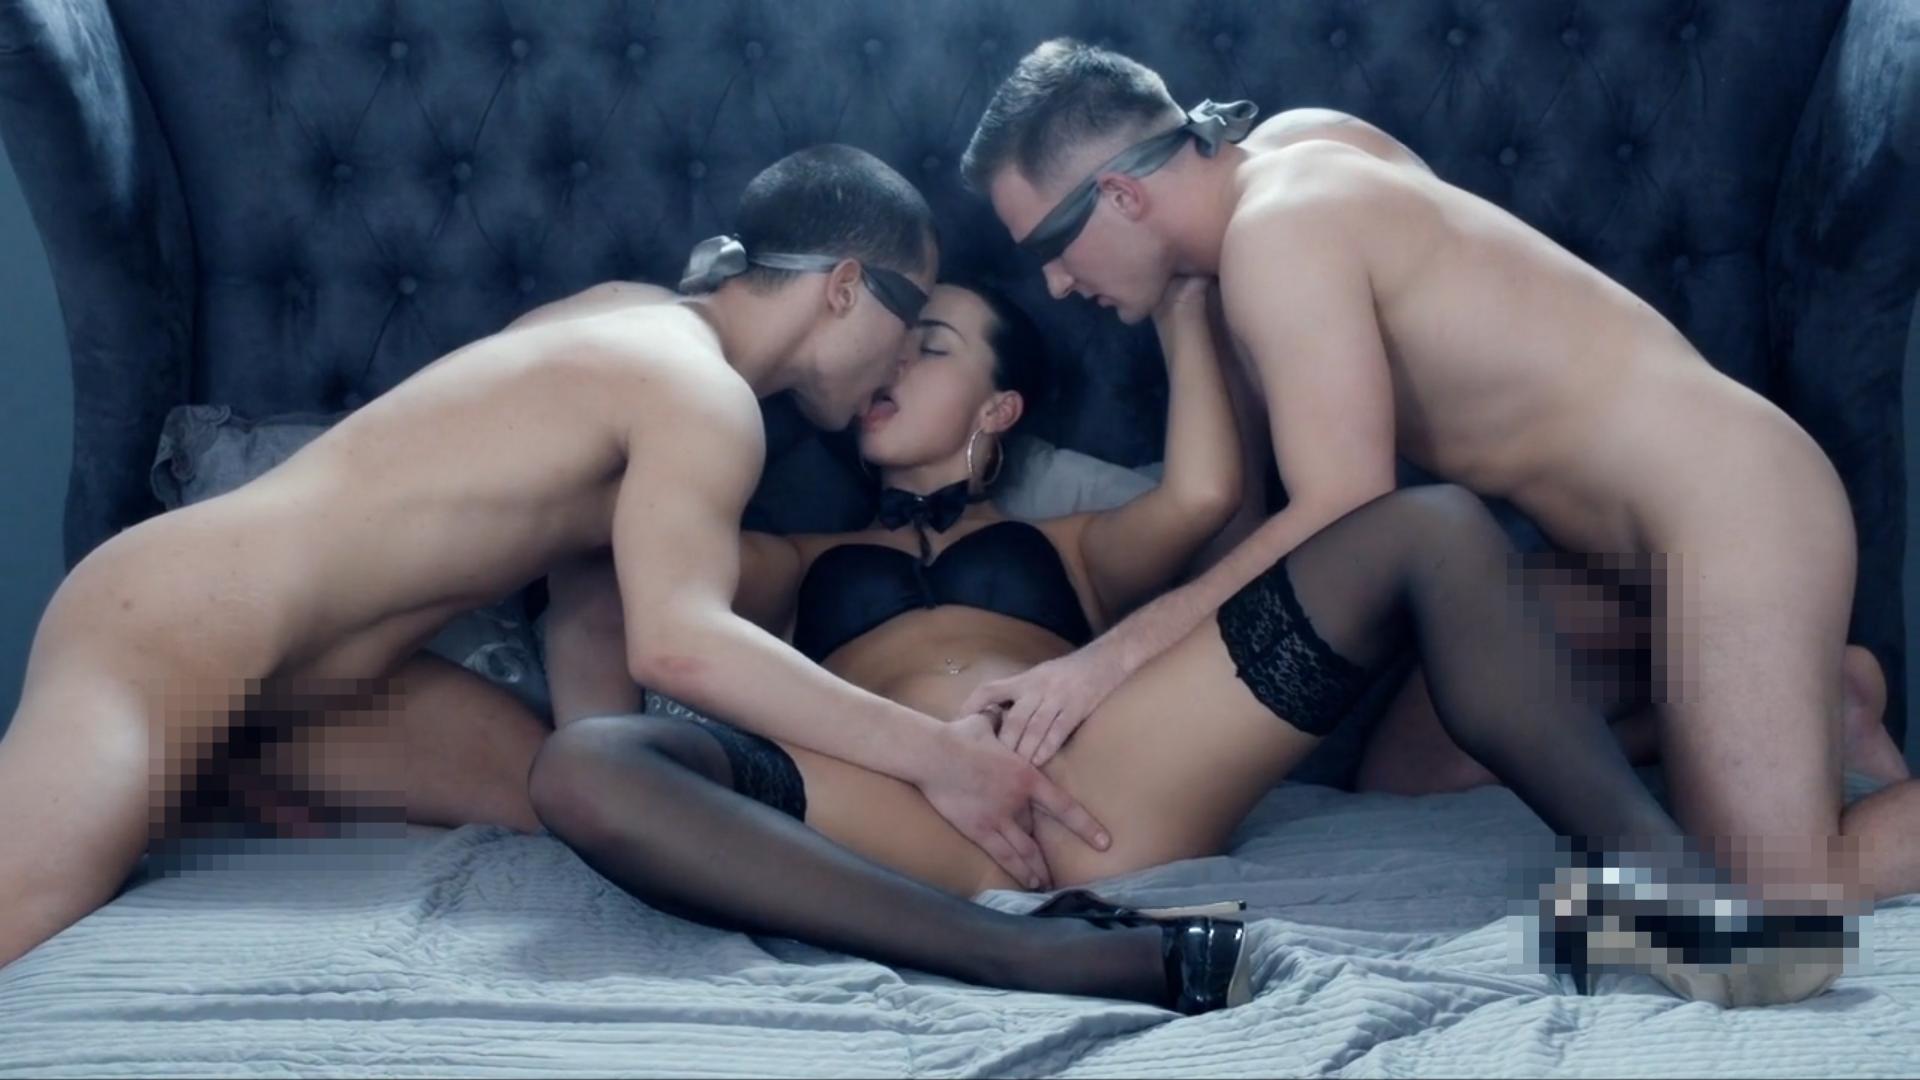 каштанка порно жесть